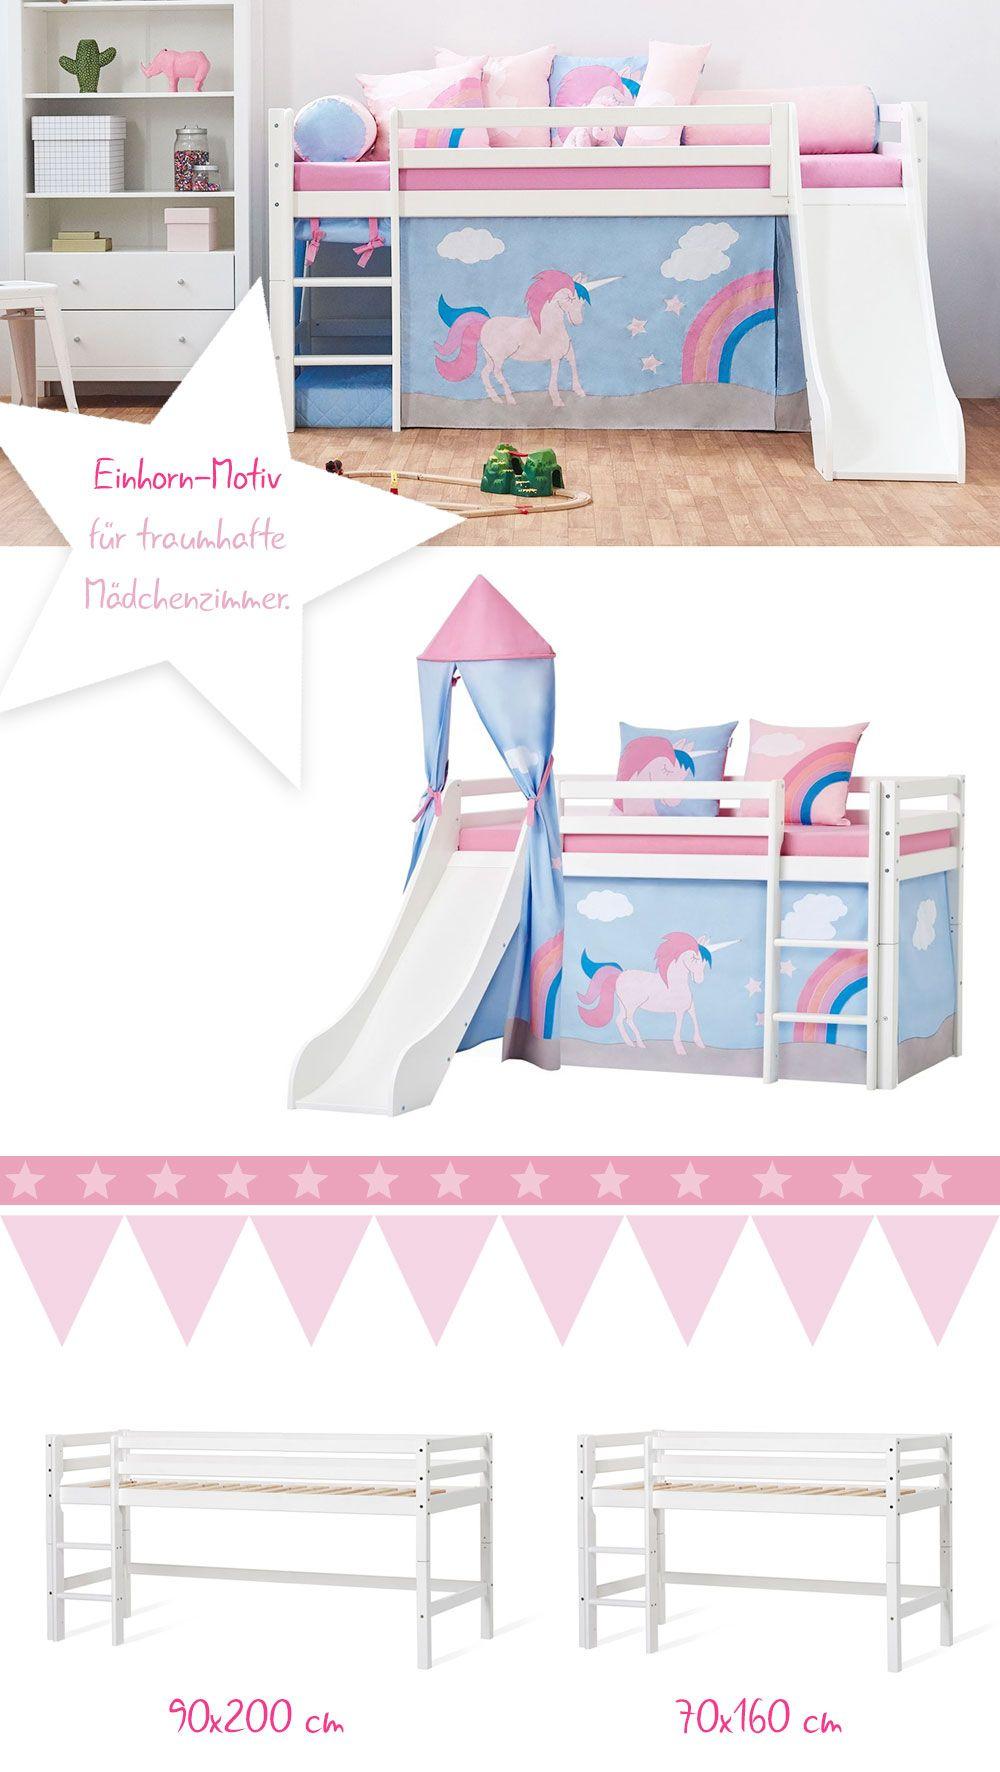 Full Size of Halbhohes Bett Einhorn Kinderbett Massivholz Selber Bauen 180x200 Schlafzimmer Set Mit Matratze Und Lattenrost Schrank Esstisch 4 Stühlen Günstig Treca Bett Bett Mit Rutsche